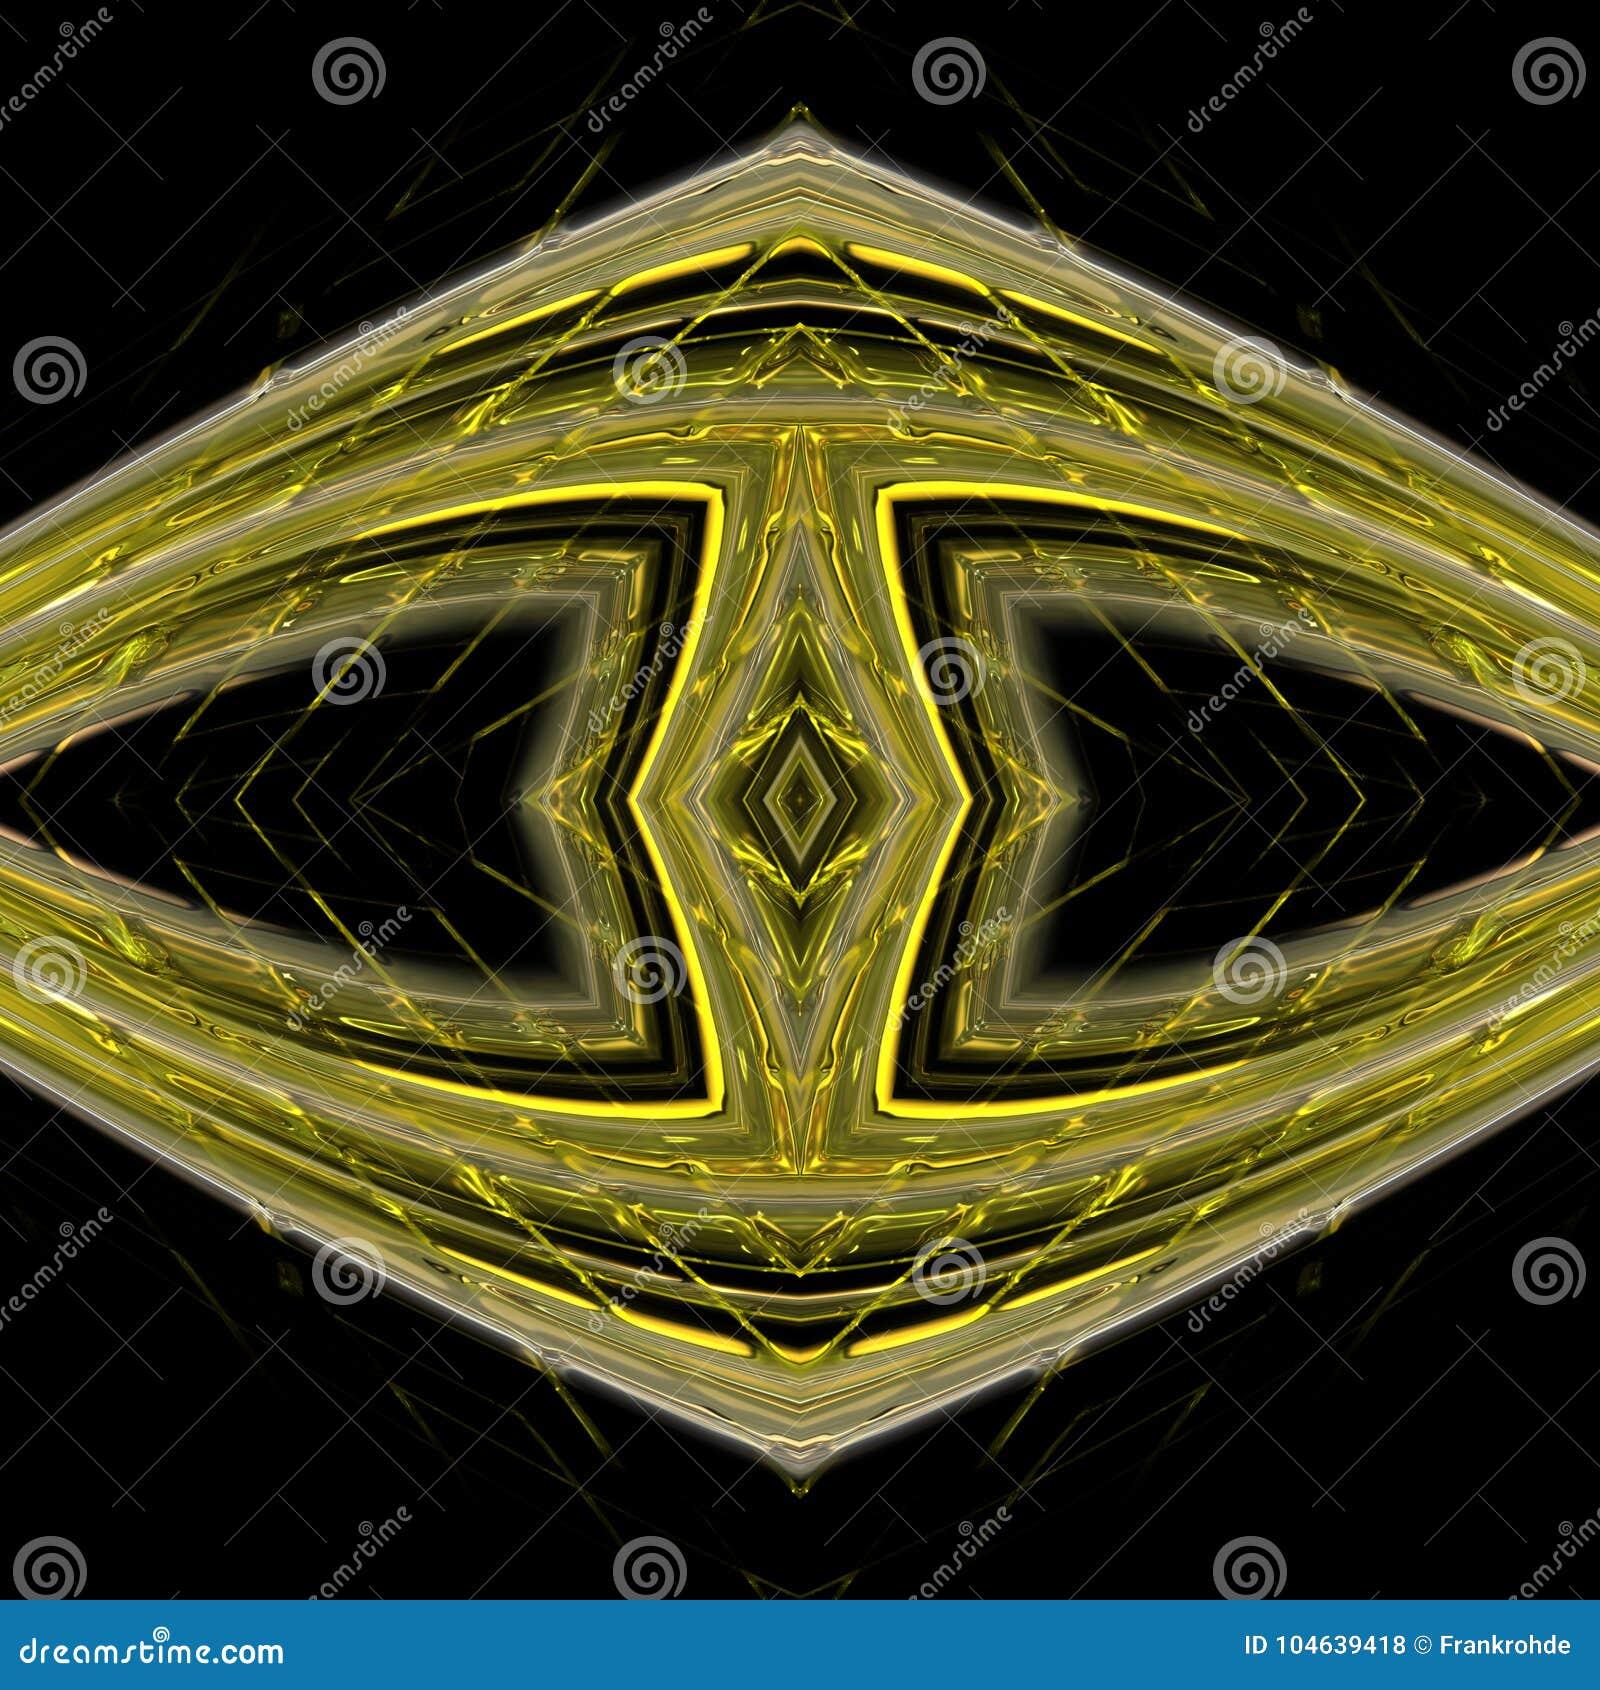 Download Prachtig Samenvatting Geïllustreerd Glasontwerp Stock Illustratie - Illustratie bestaande uit kunstwerk, glas: 104639418